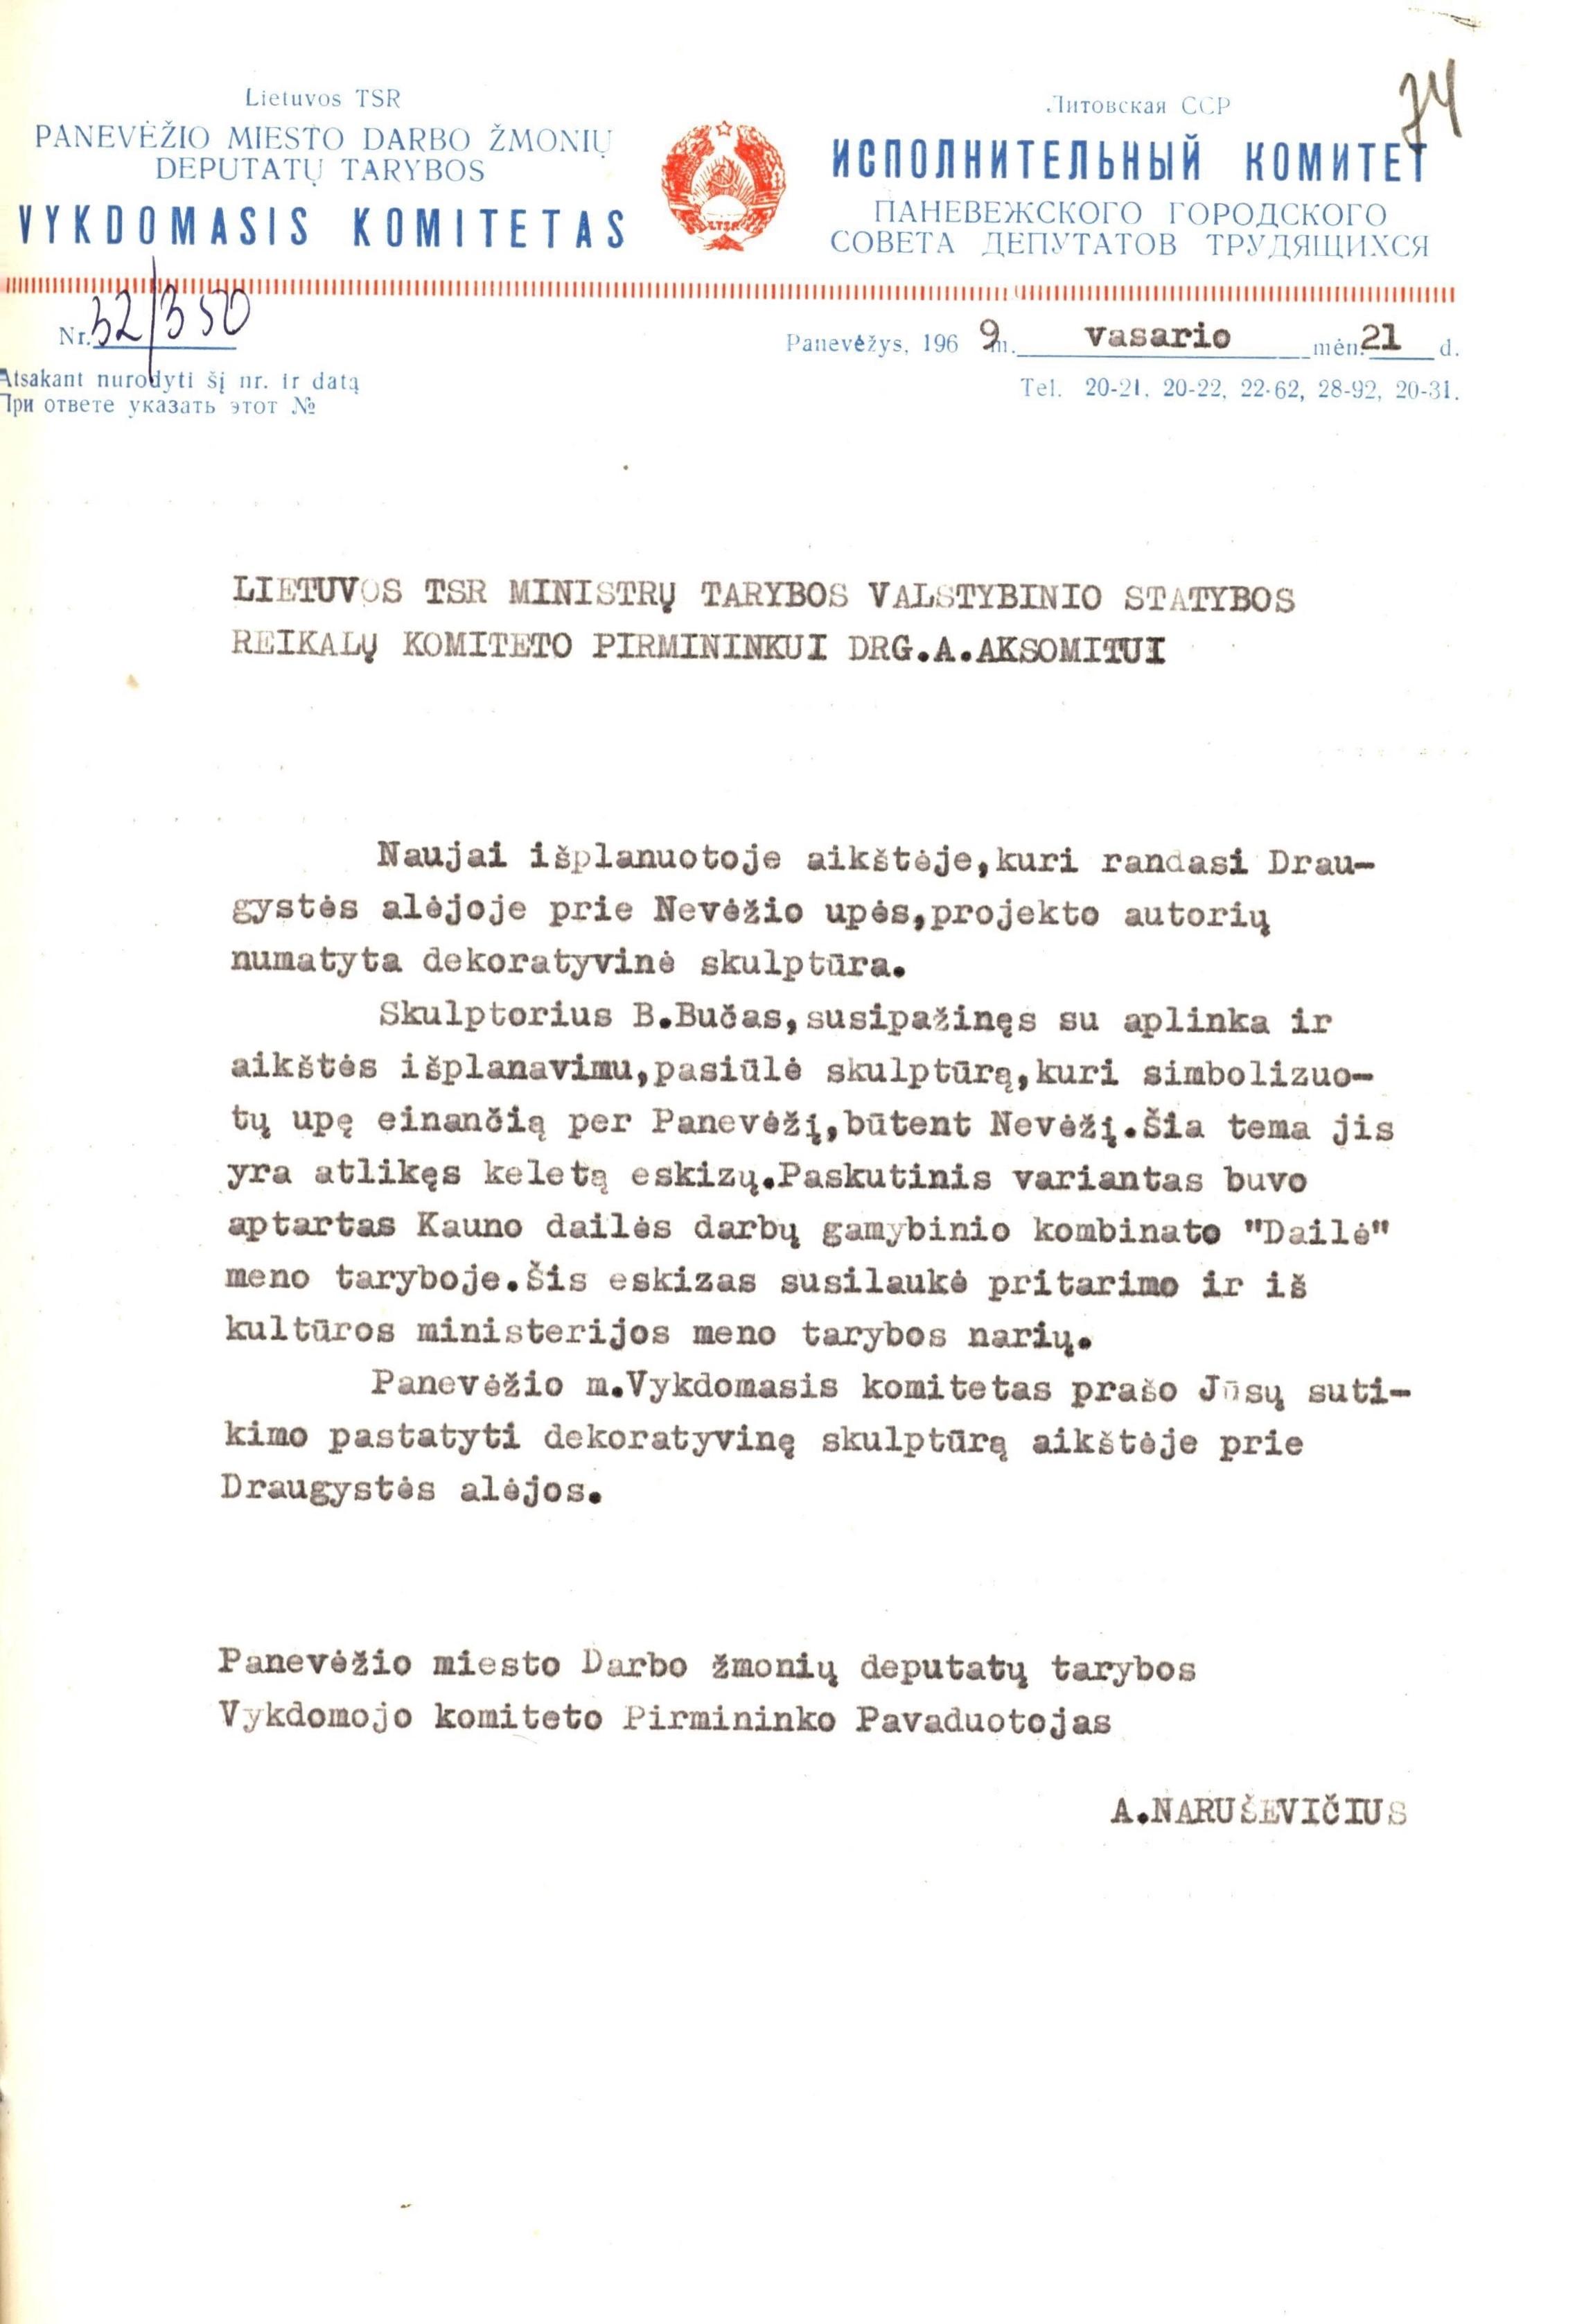 """Panevėžio miesto vykdomojo komiteto pirmininko pavaduotojo A. Naruševičiaus raštas dėl leidimo pastatyti Panevėžyje B. Bučo skulptūrą """"Nevėžis"""". 1969 m. vasario 21 d.   Šiaulių regioninio valstybės archyvo Panevėžio filialo fondų nuotr."""